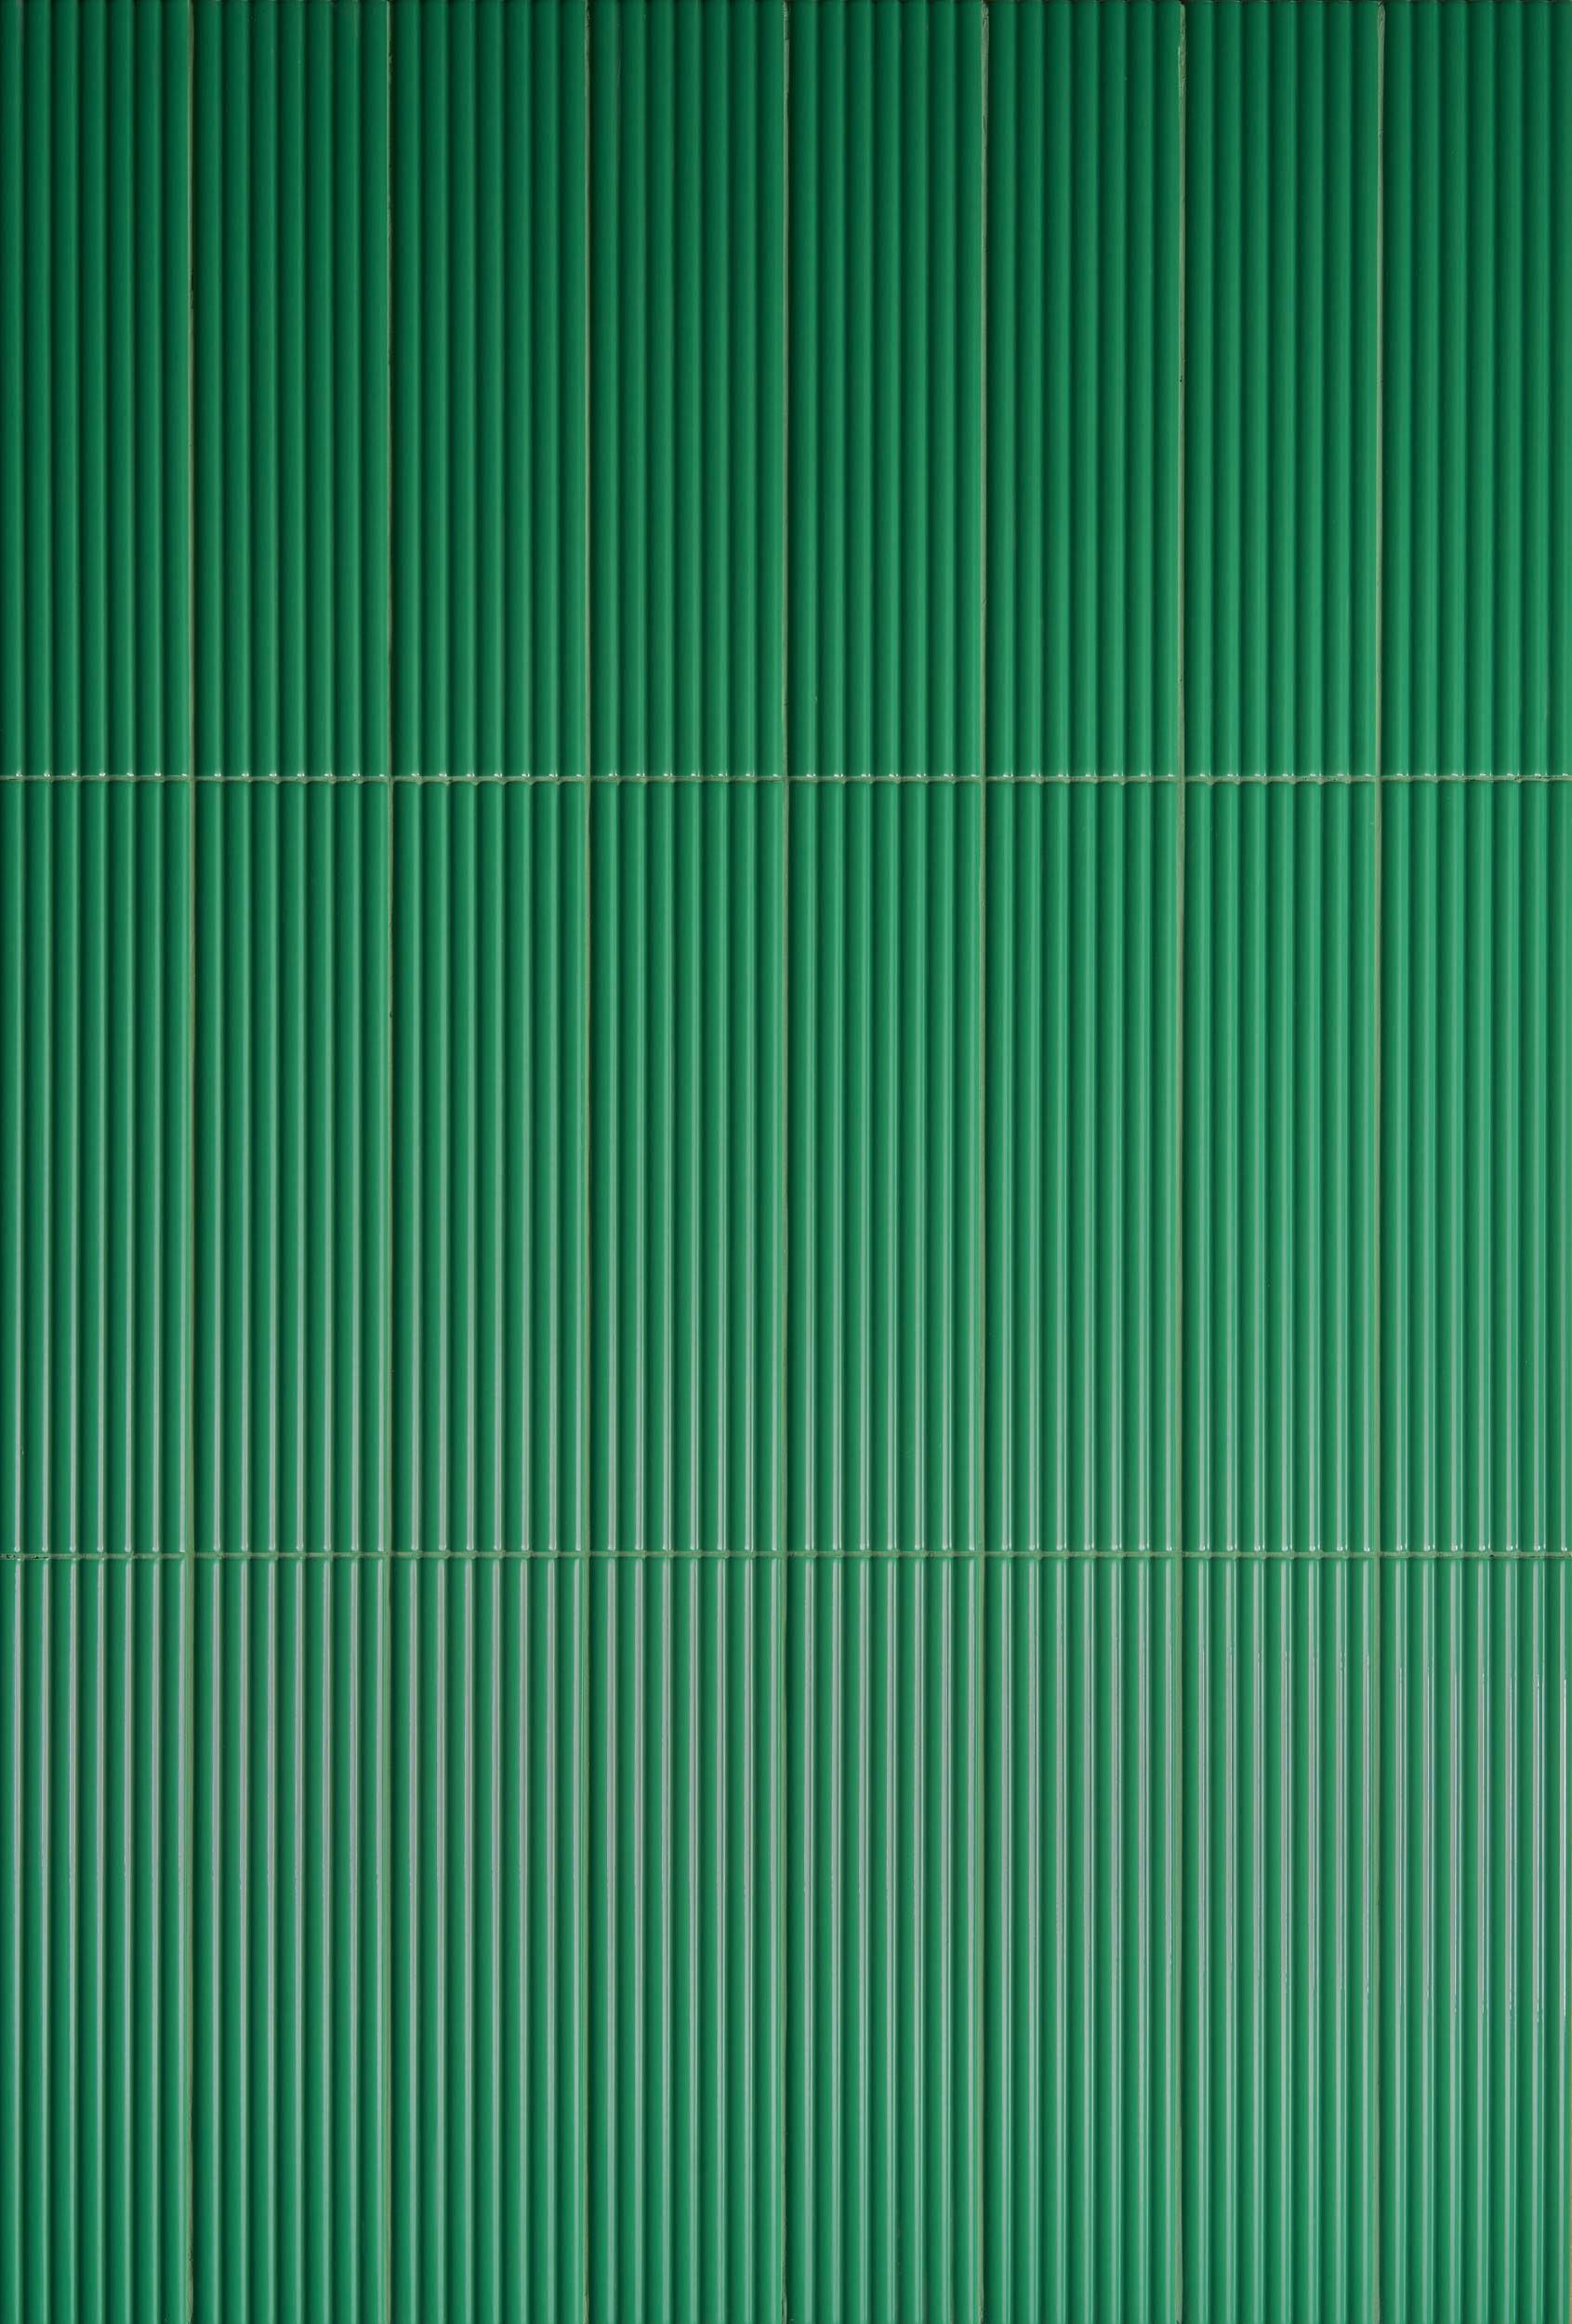 """Superclassica SCB Pli Verde 10x40 4""""x16"""""""